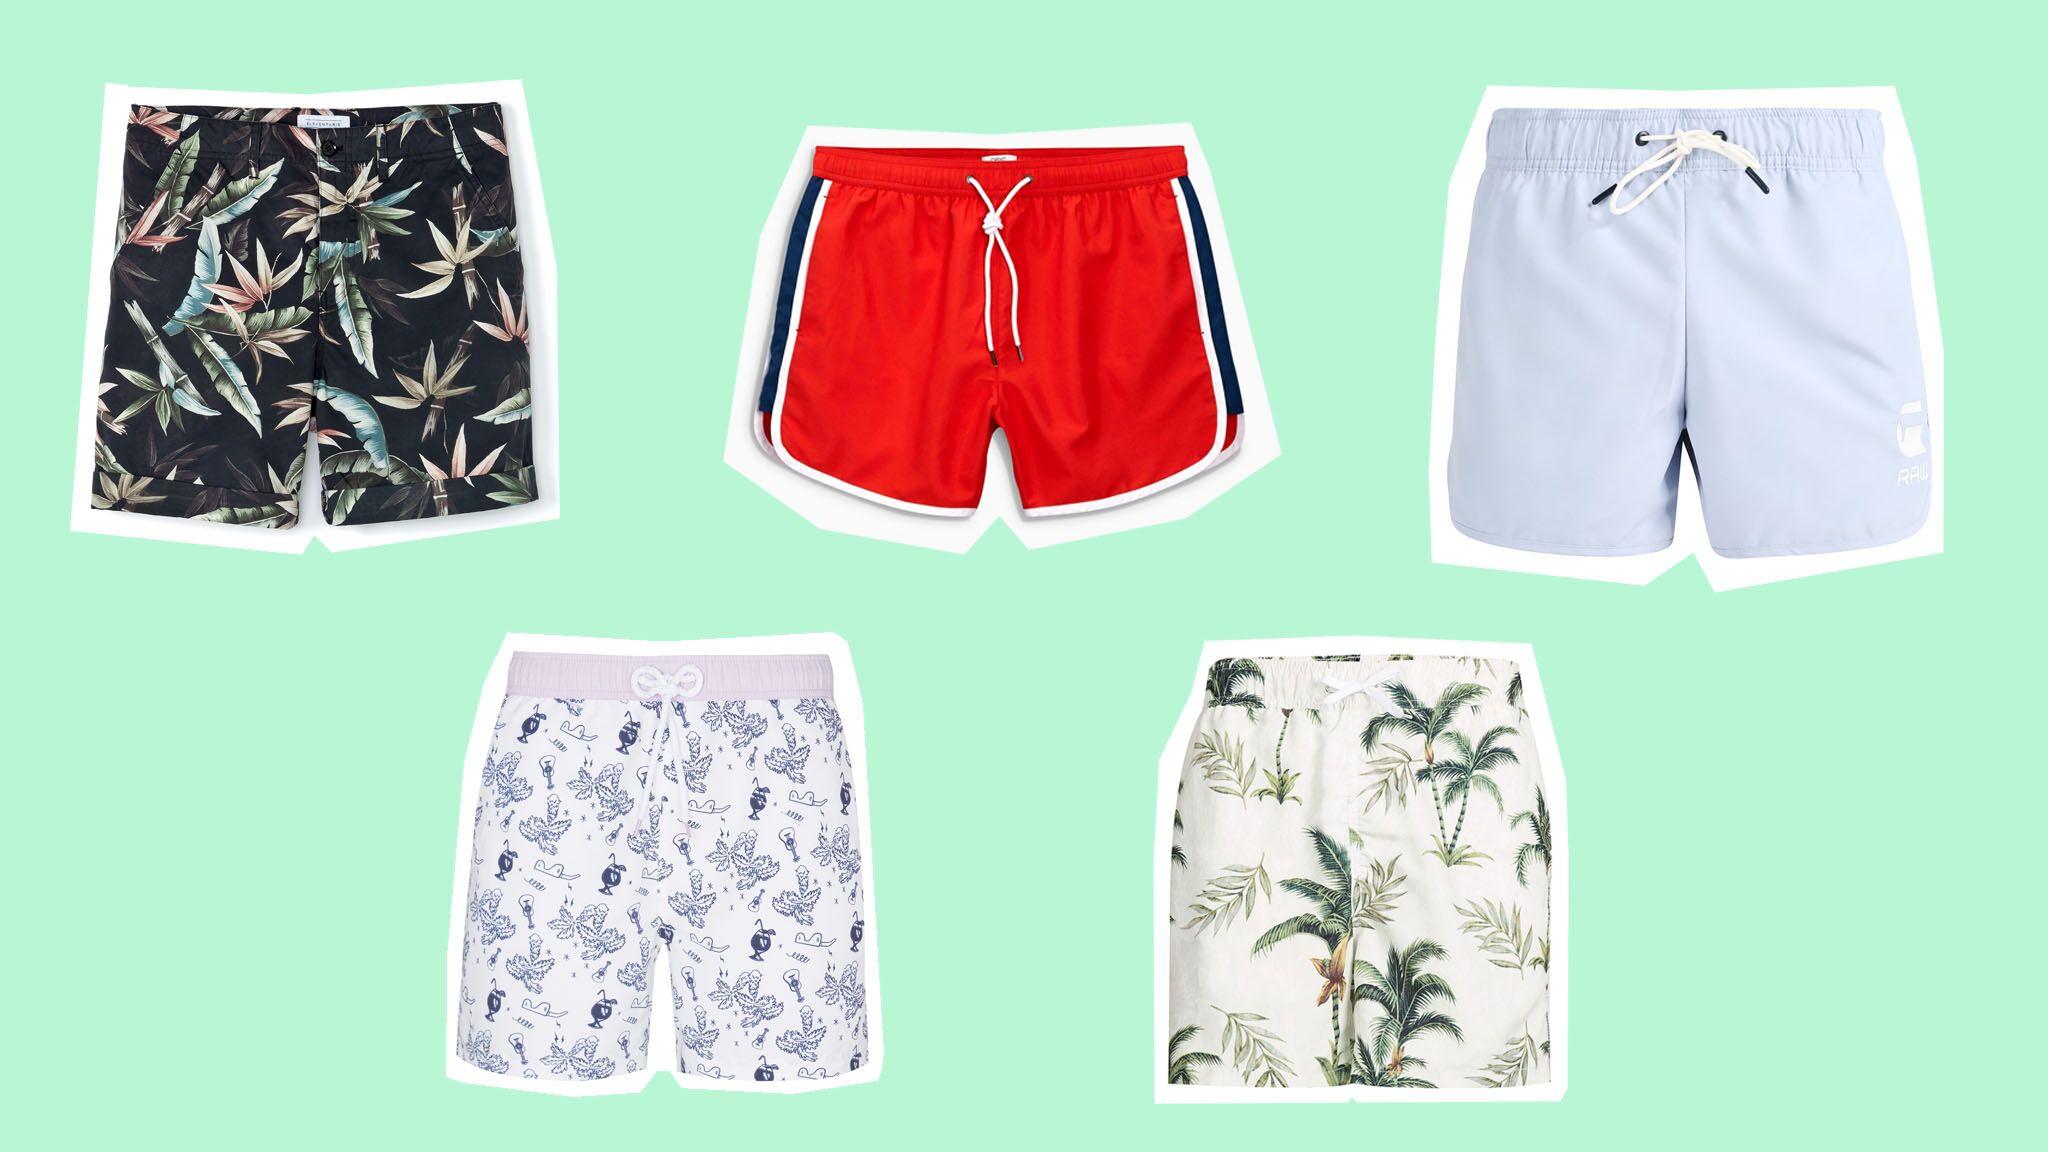 2409f4500e PHOTOS Maillots de bain homme : 20 shorts de bain tendance pour cet été -  Voici